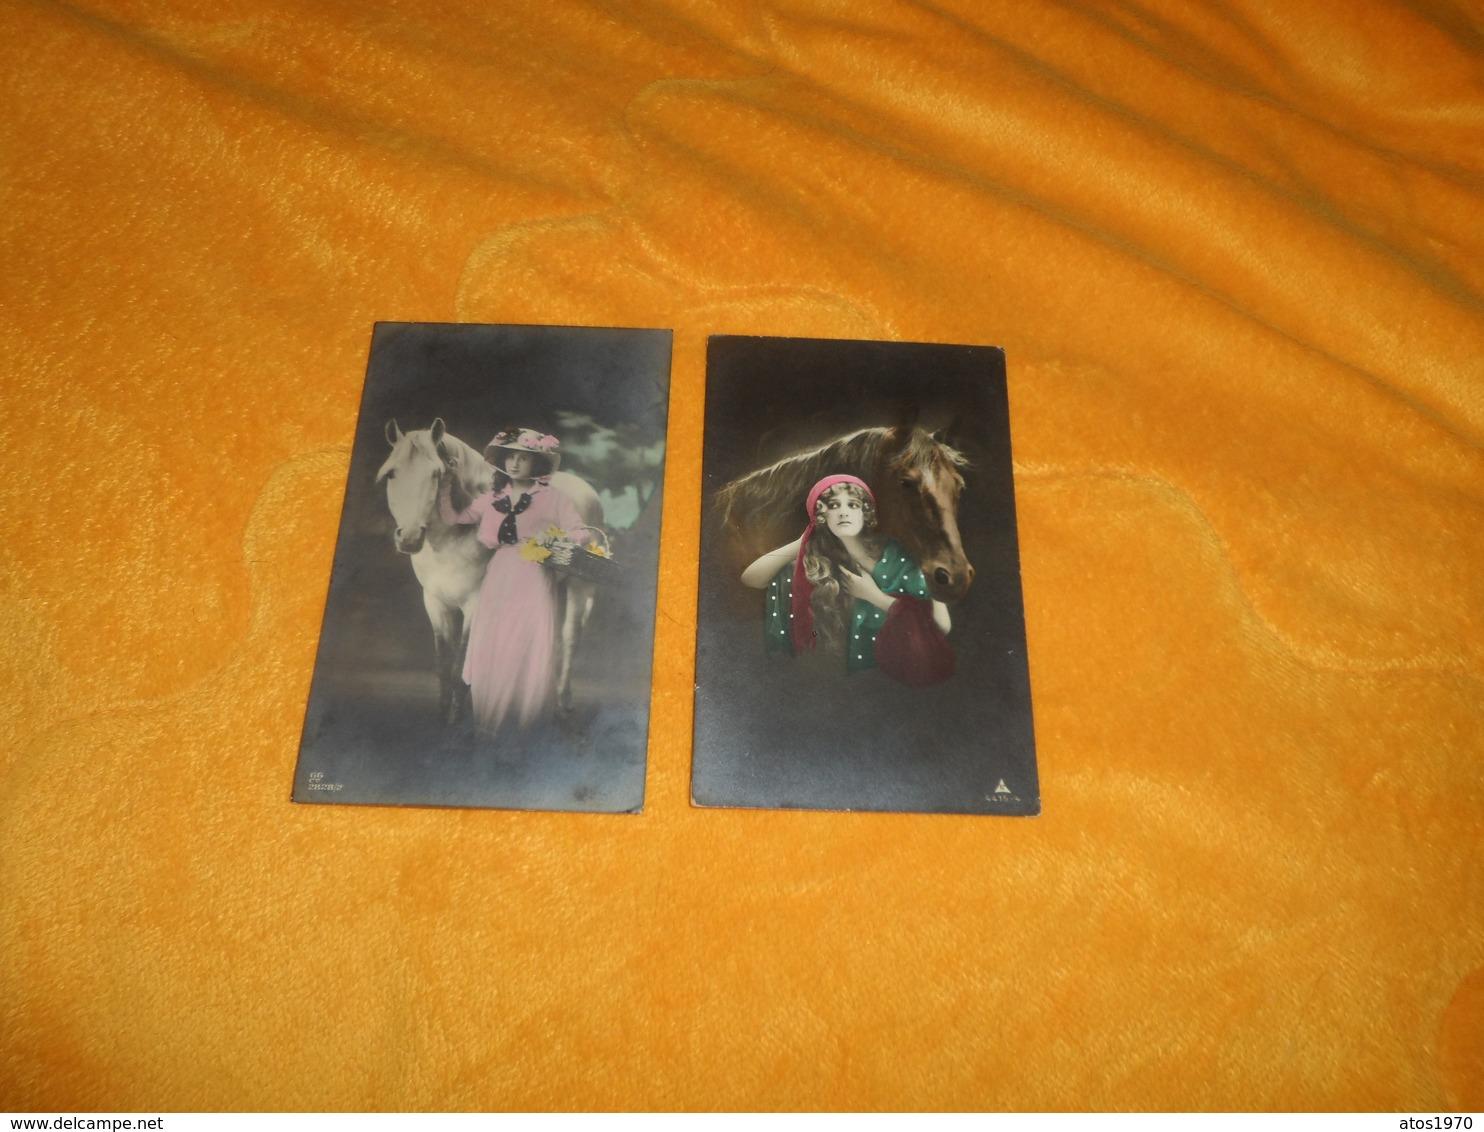 LOT DE 2 CARTES POSTALES ANCIENNES CIRCULEES DE 1917 ET 1918...SCENE FEMME CHEVAL..ENVOYEE DU PAYS BAS NEDERLAND..CACHET - Frauen